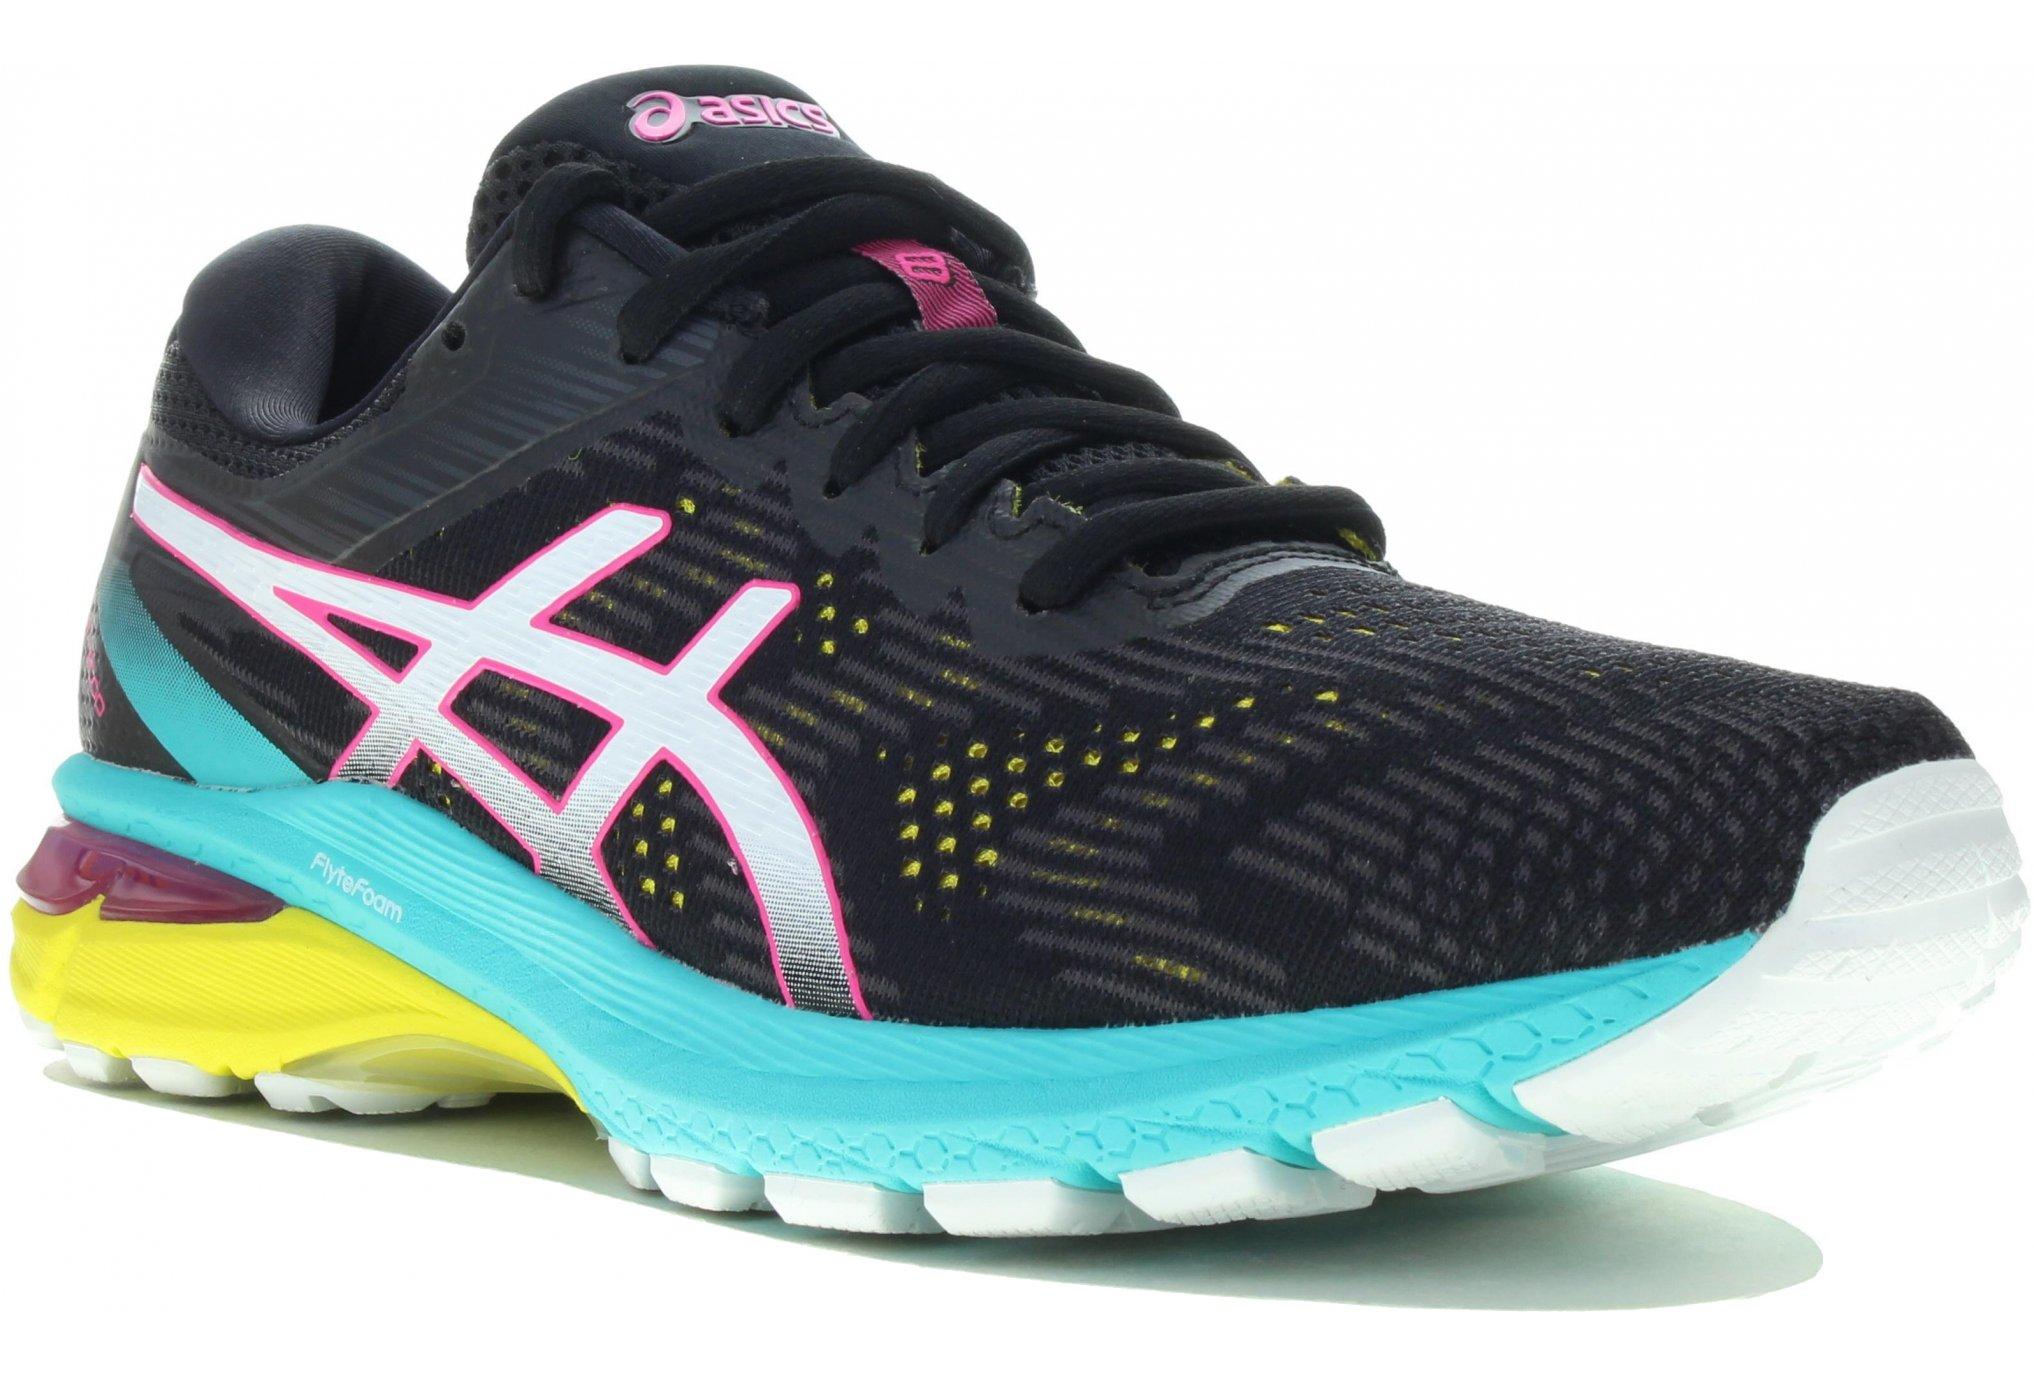 Asics GT-2000 8 Trail Chaussures running femme